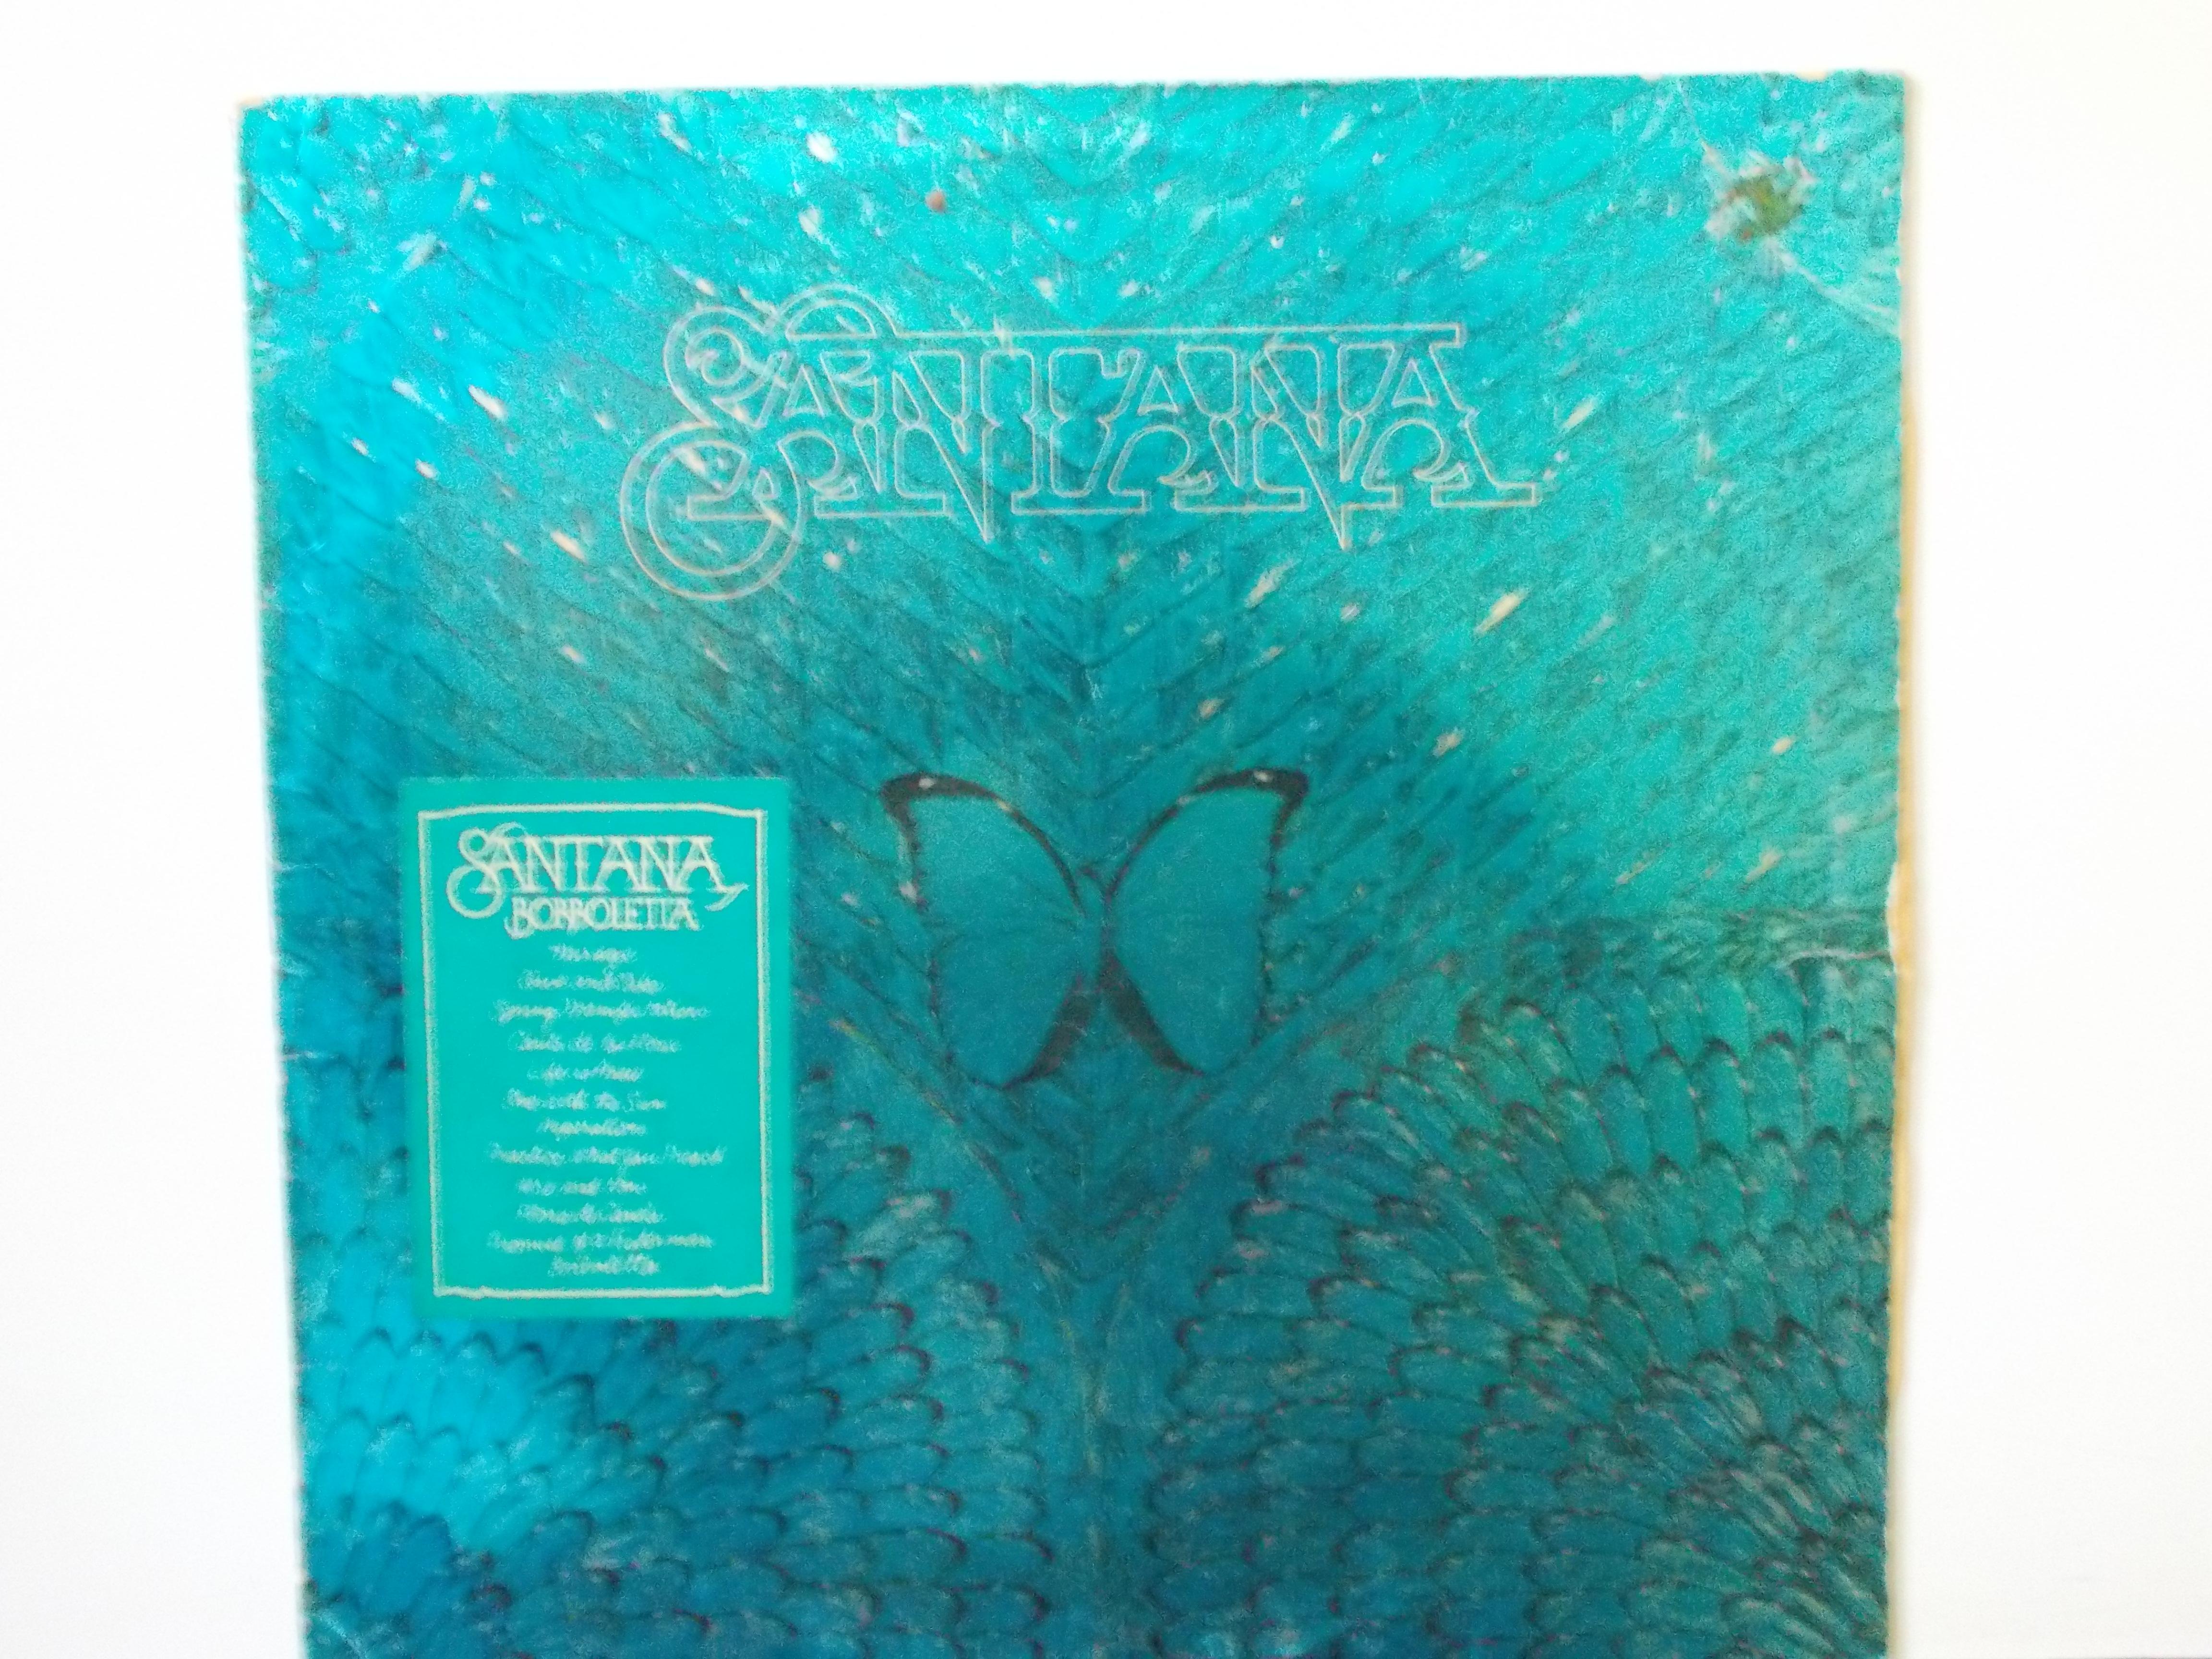 แผ่นเสียง SANTANA BORBOLETTA CBS MADE IN ENGLA : VG+/NM